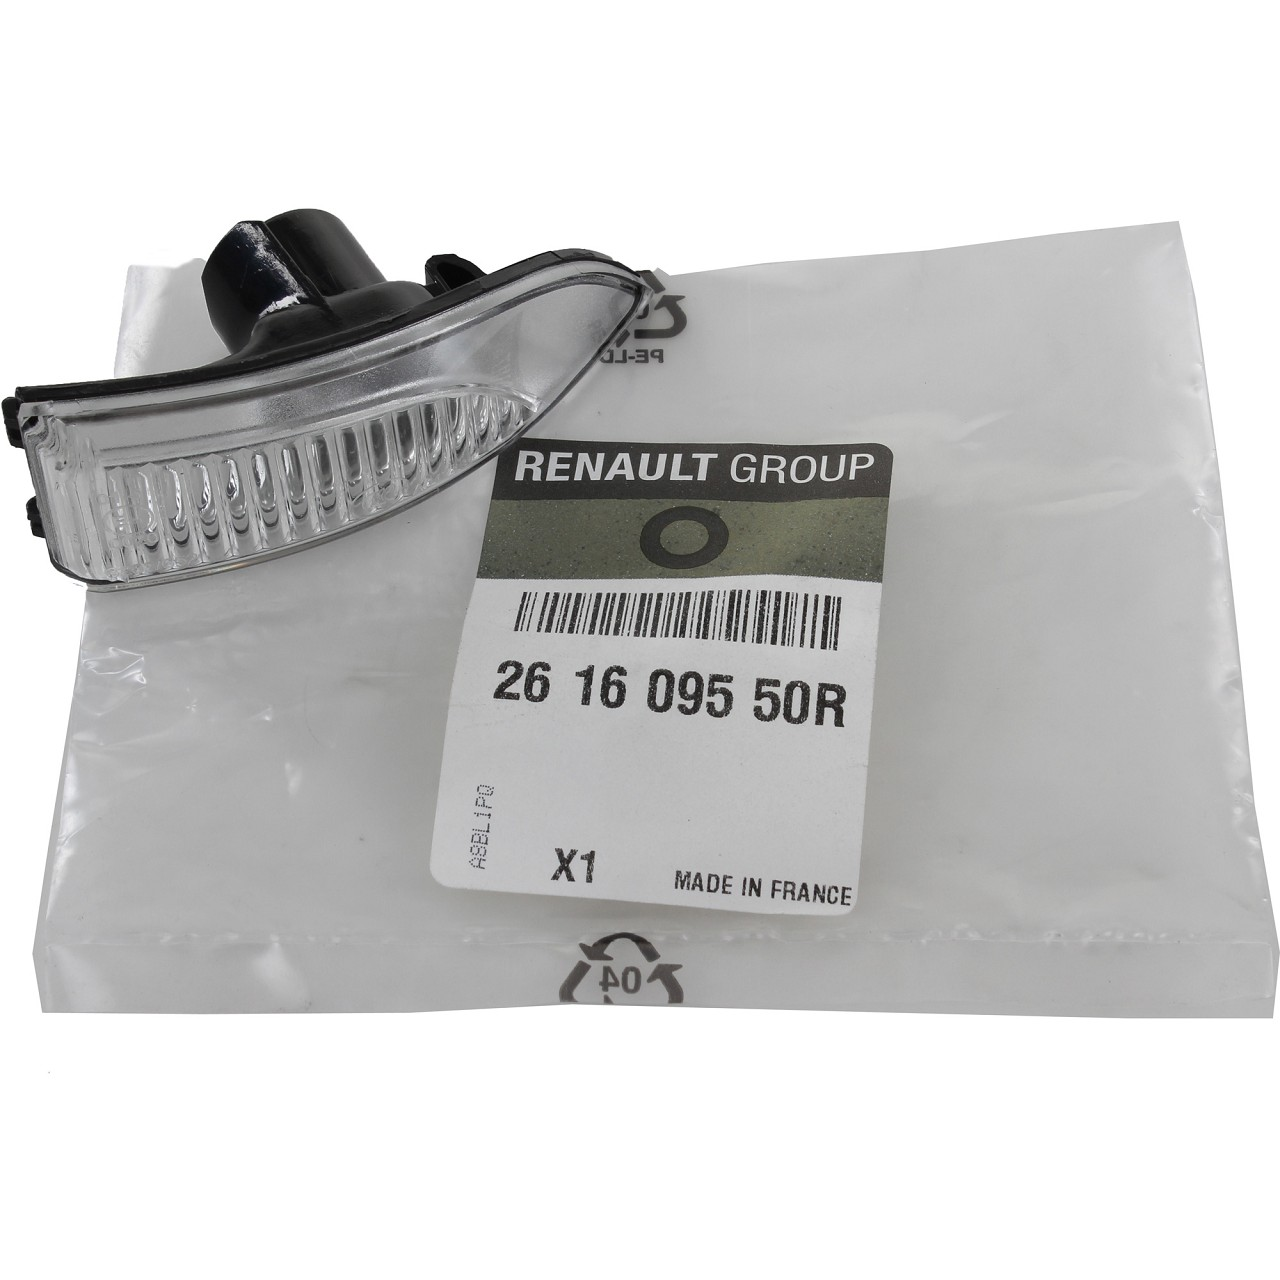 ORIGINAL Renault Lichtscheibe Außenspiegel Blinker MEGANE III rechts 261609550R